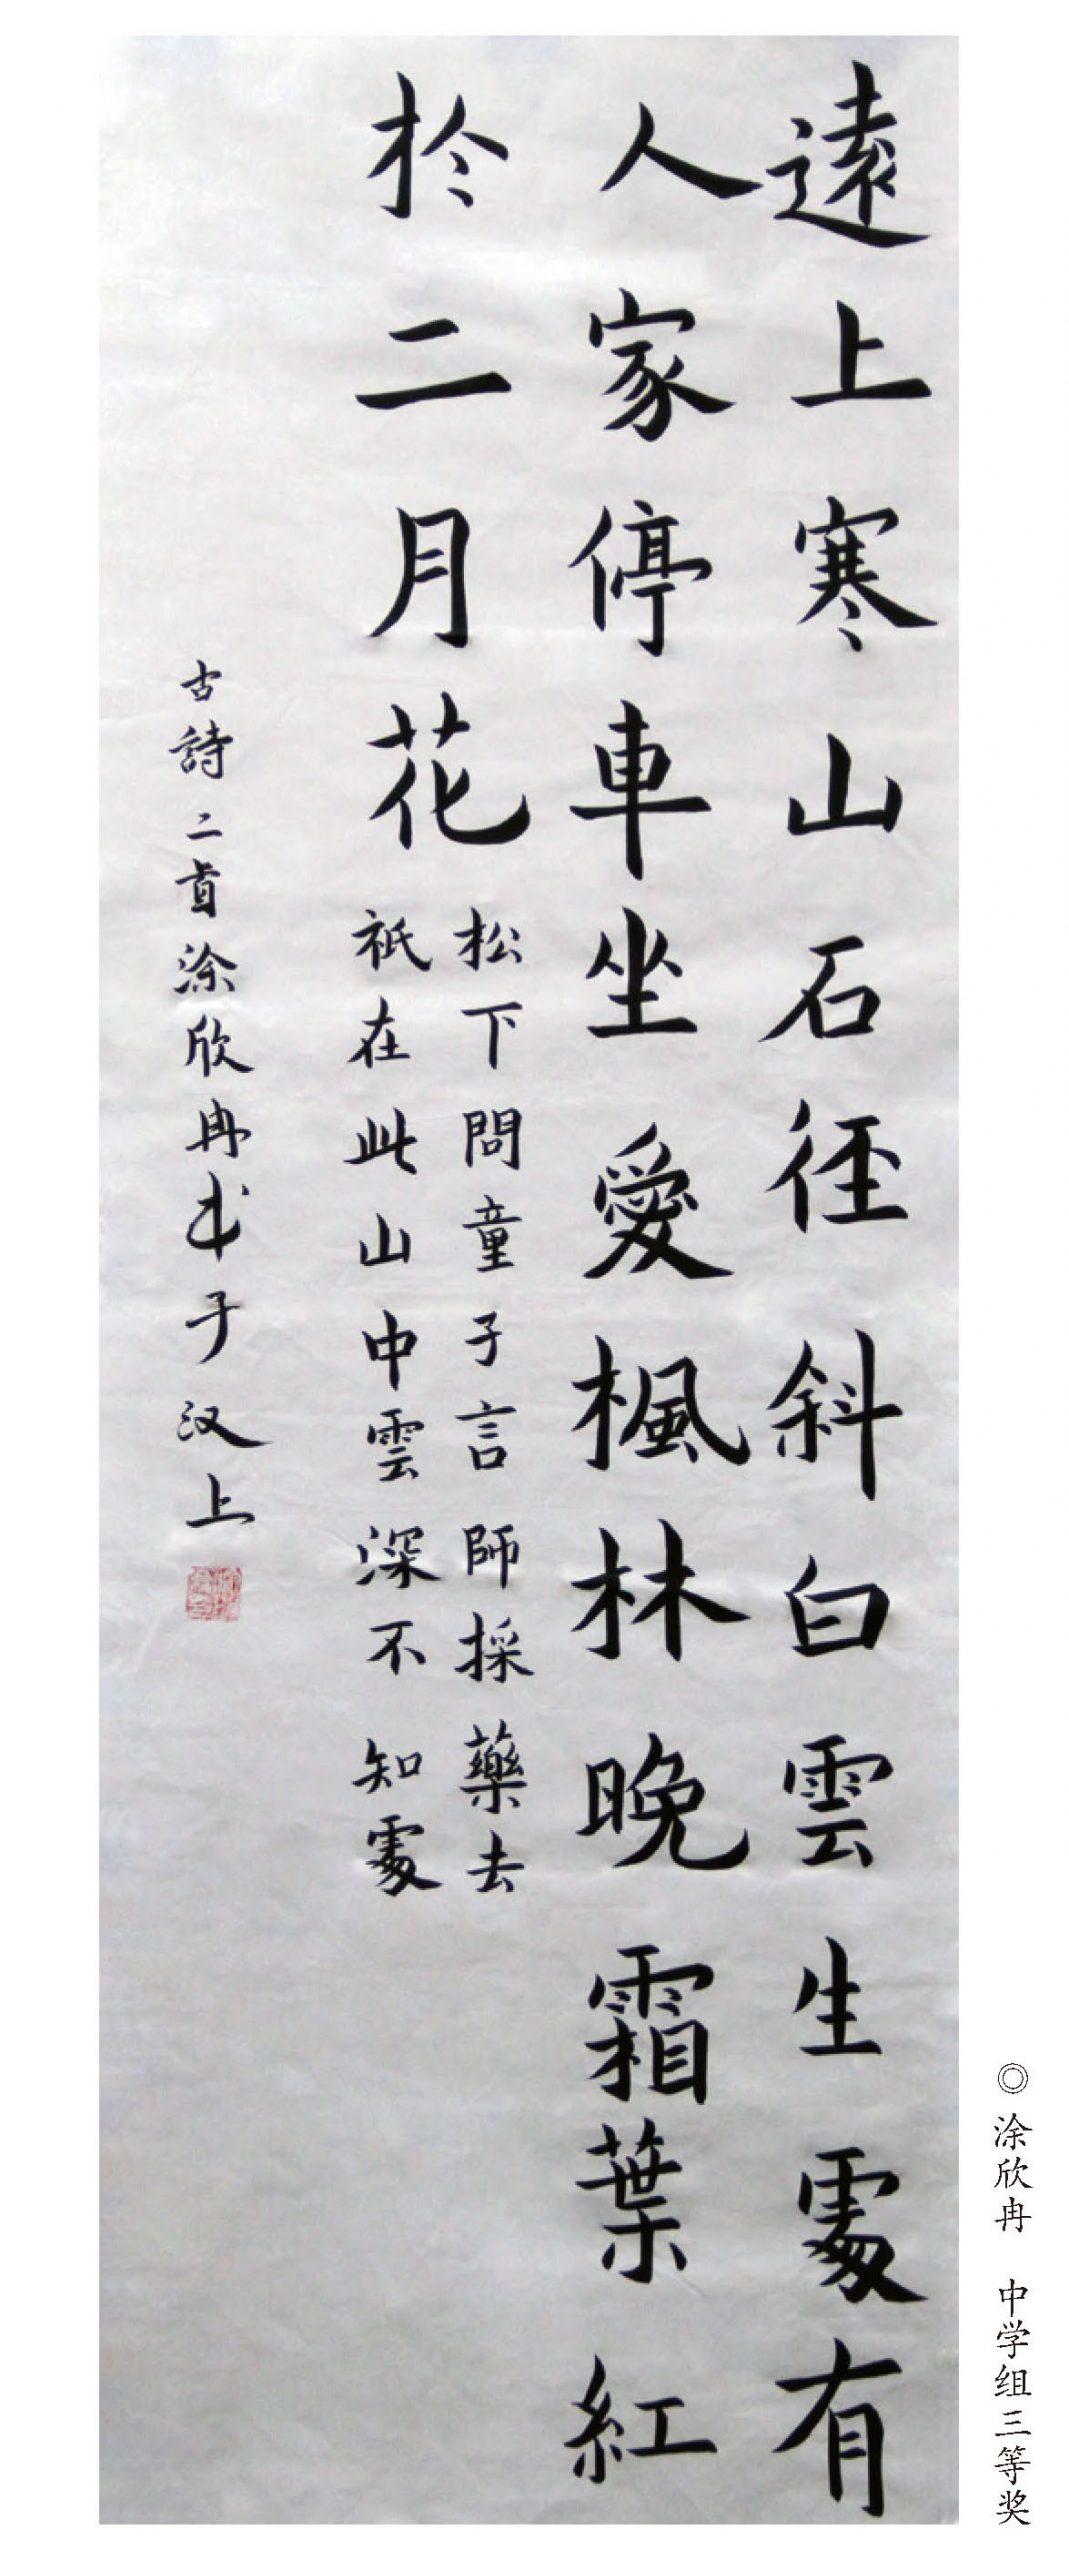 涂欣冉 中学组软笔三等奖